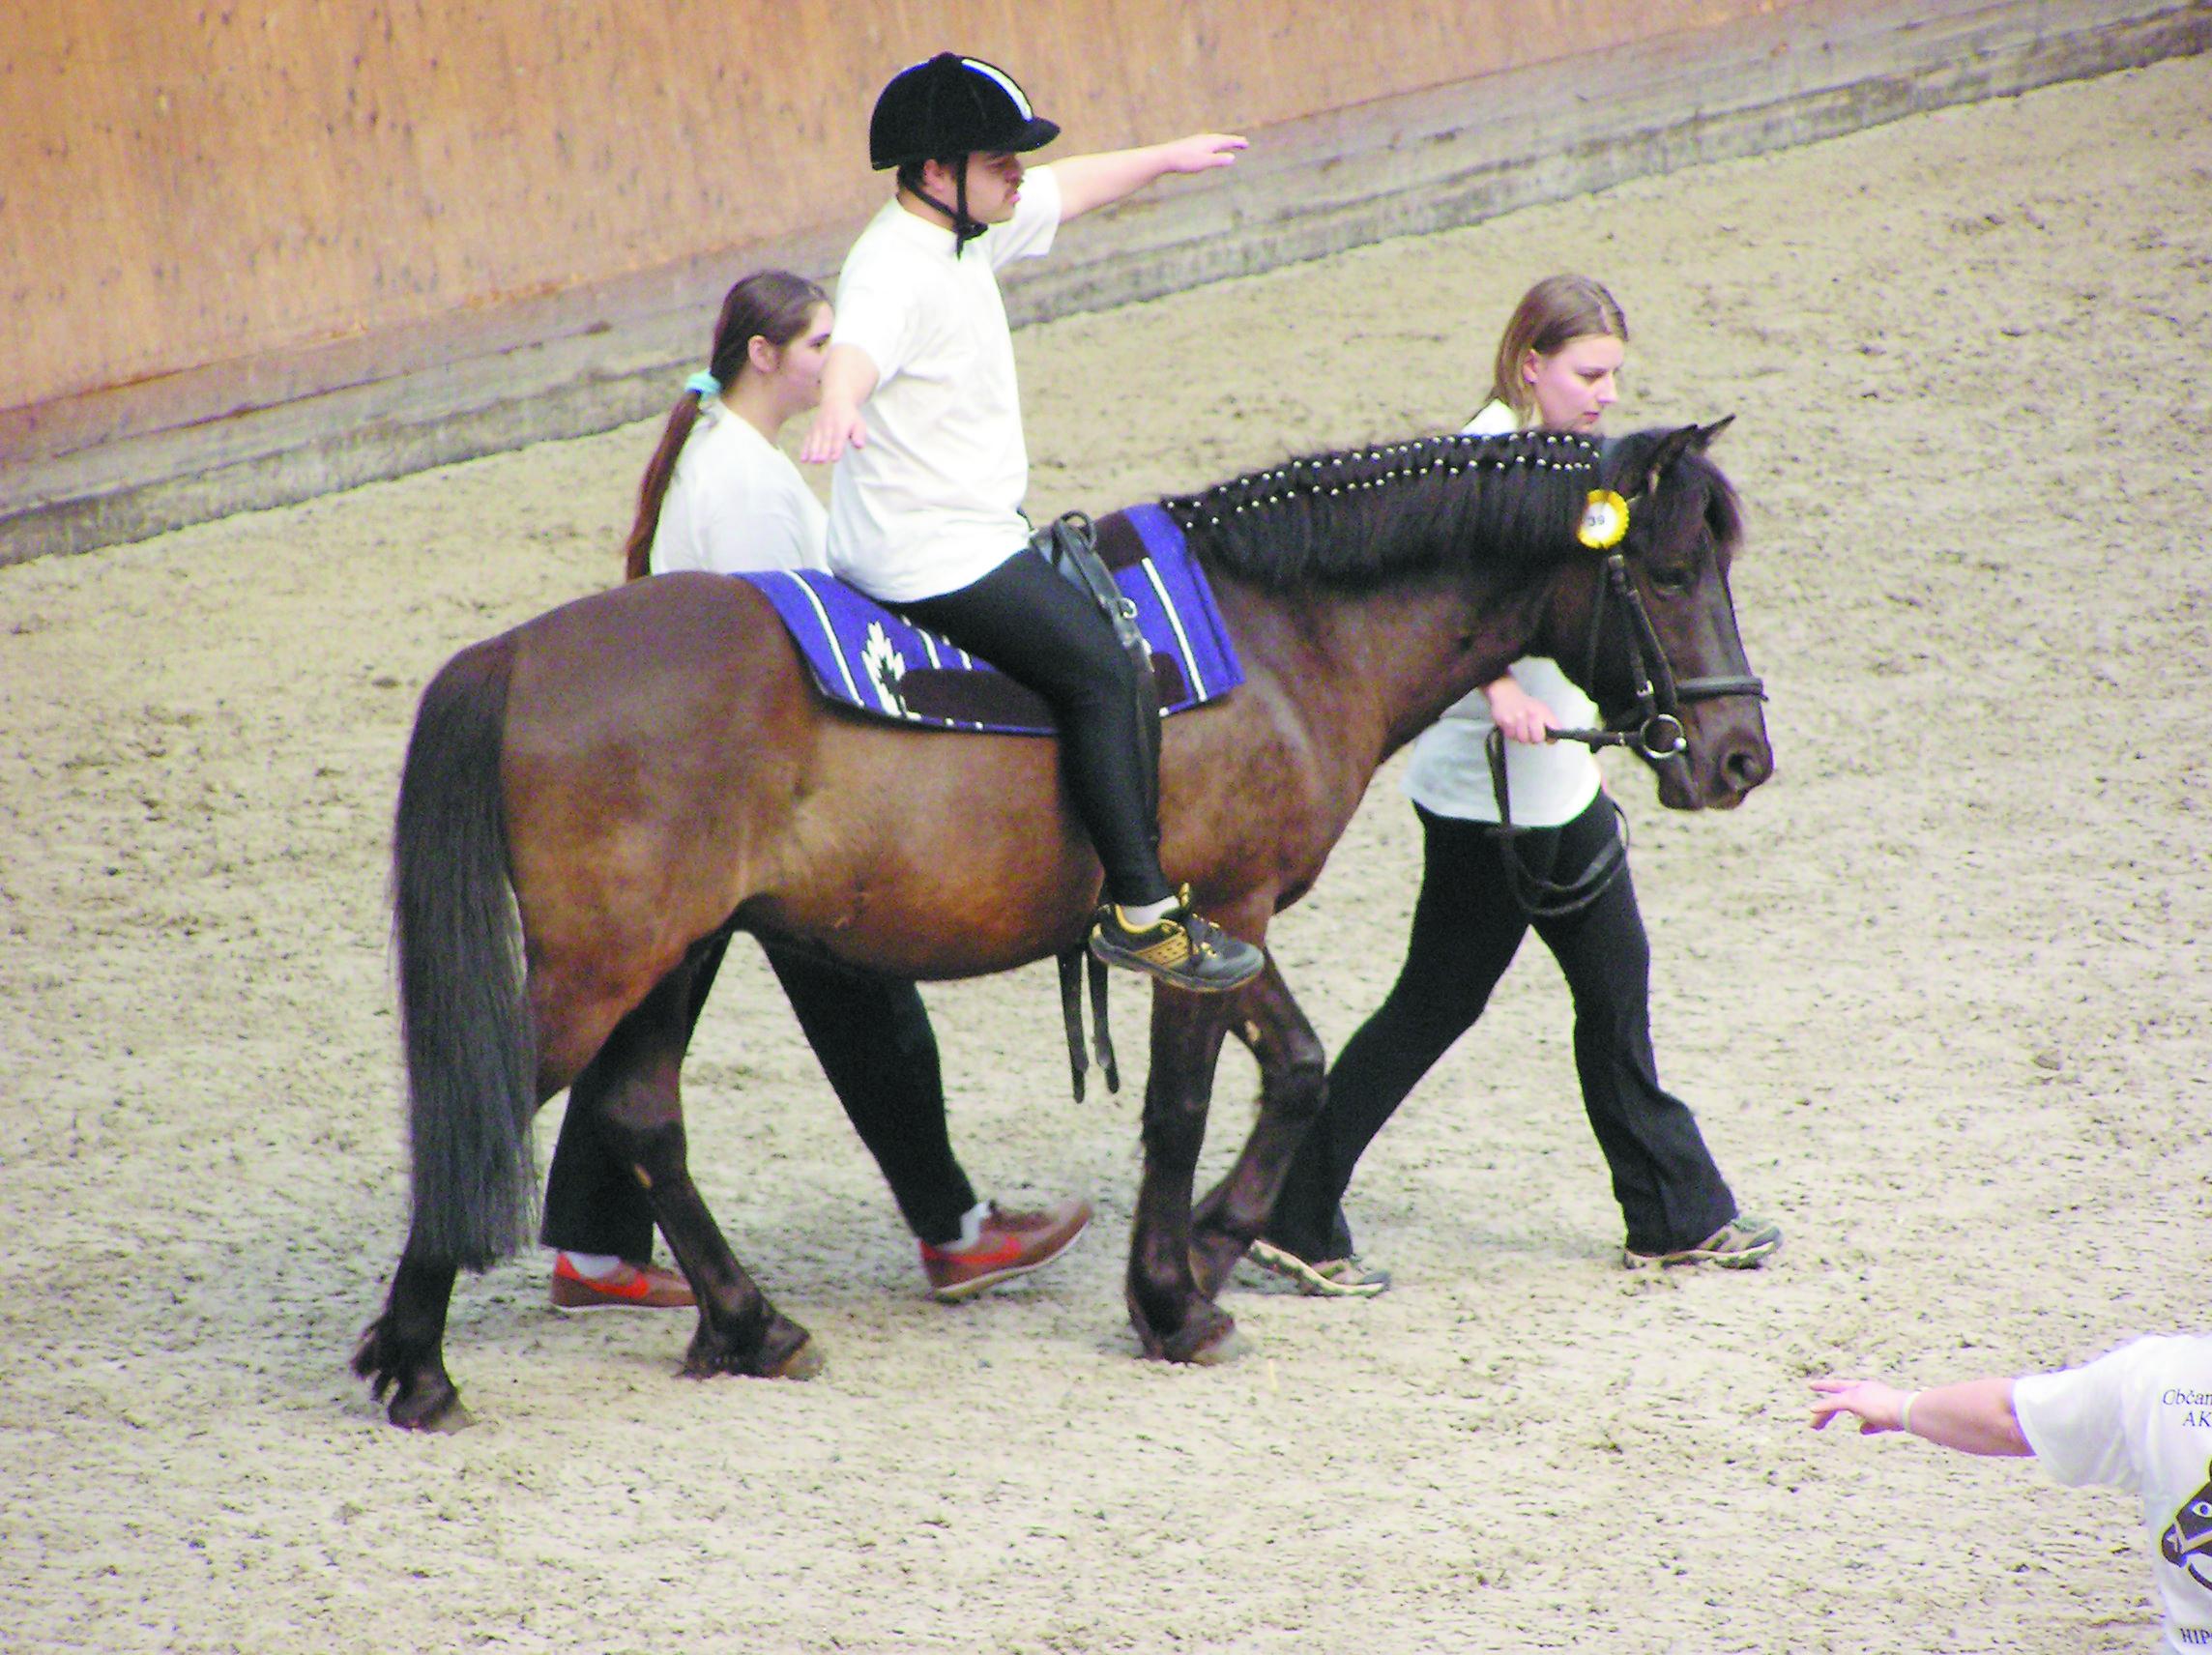 حیوانات در خدمت کودکان معلول